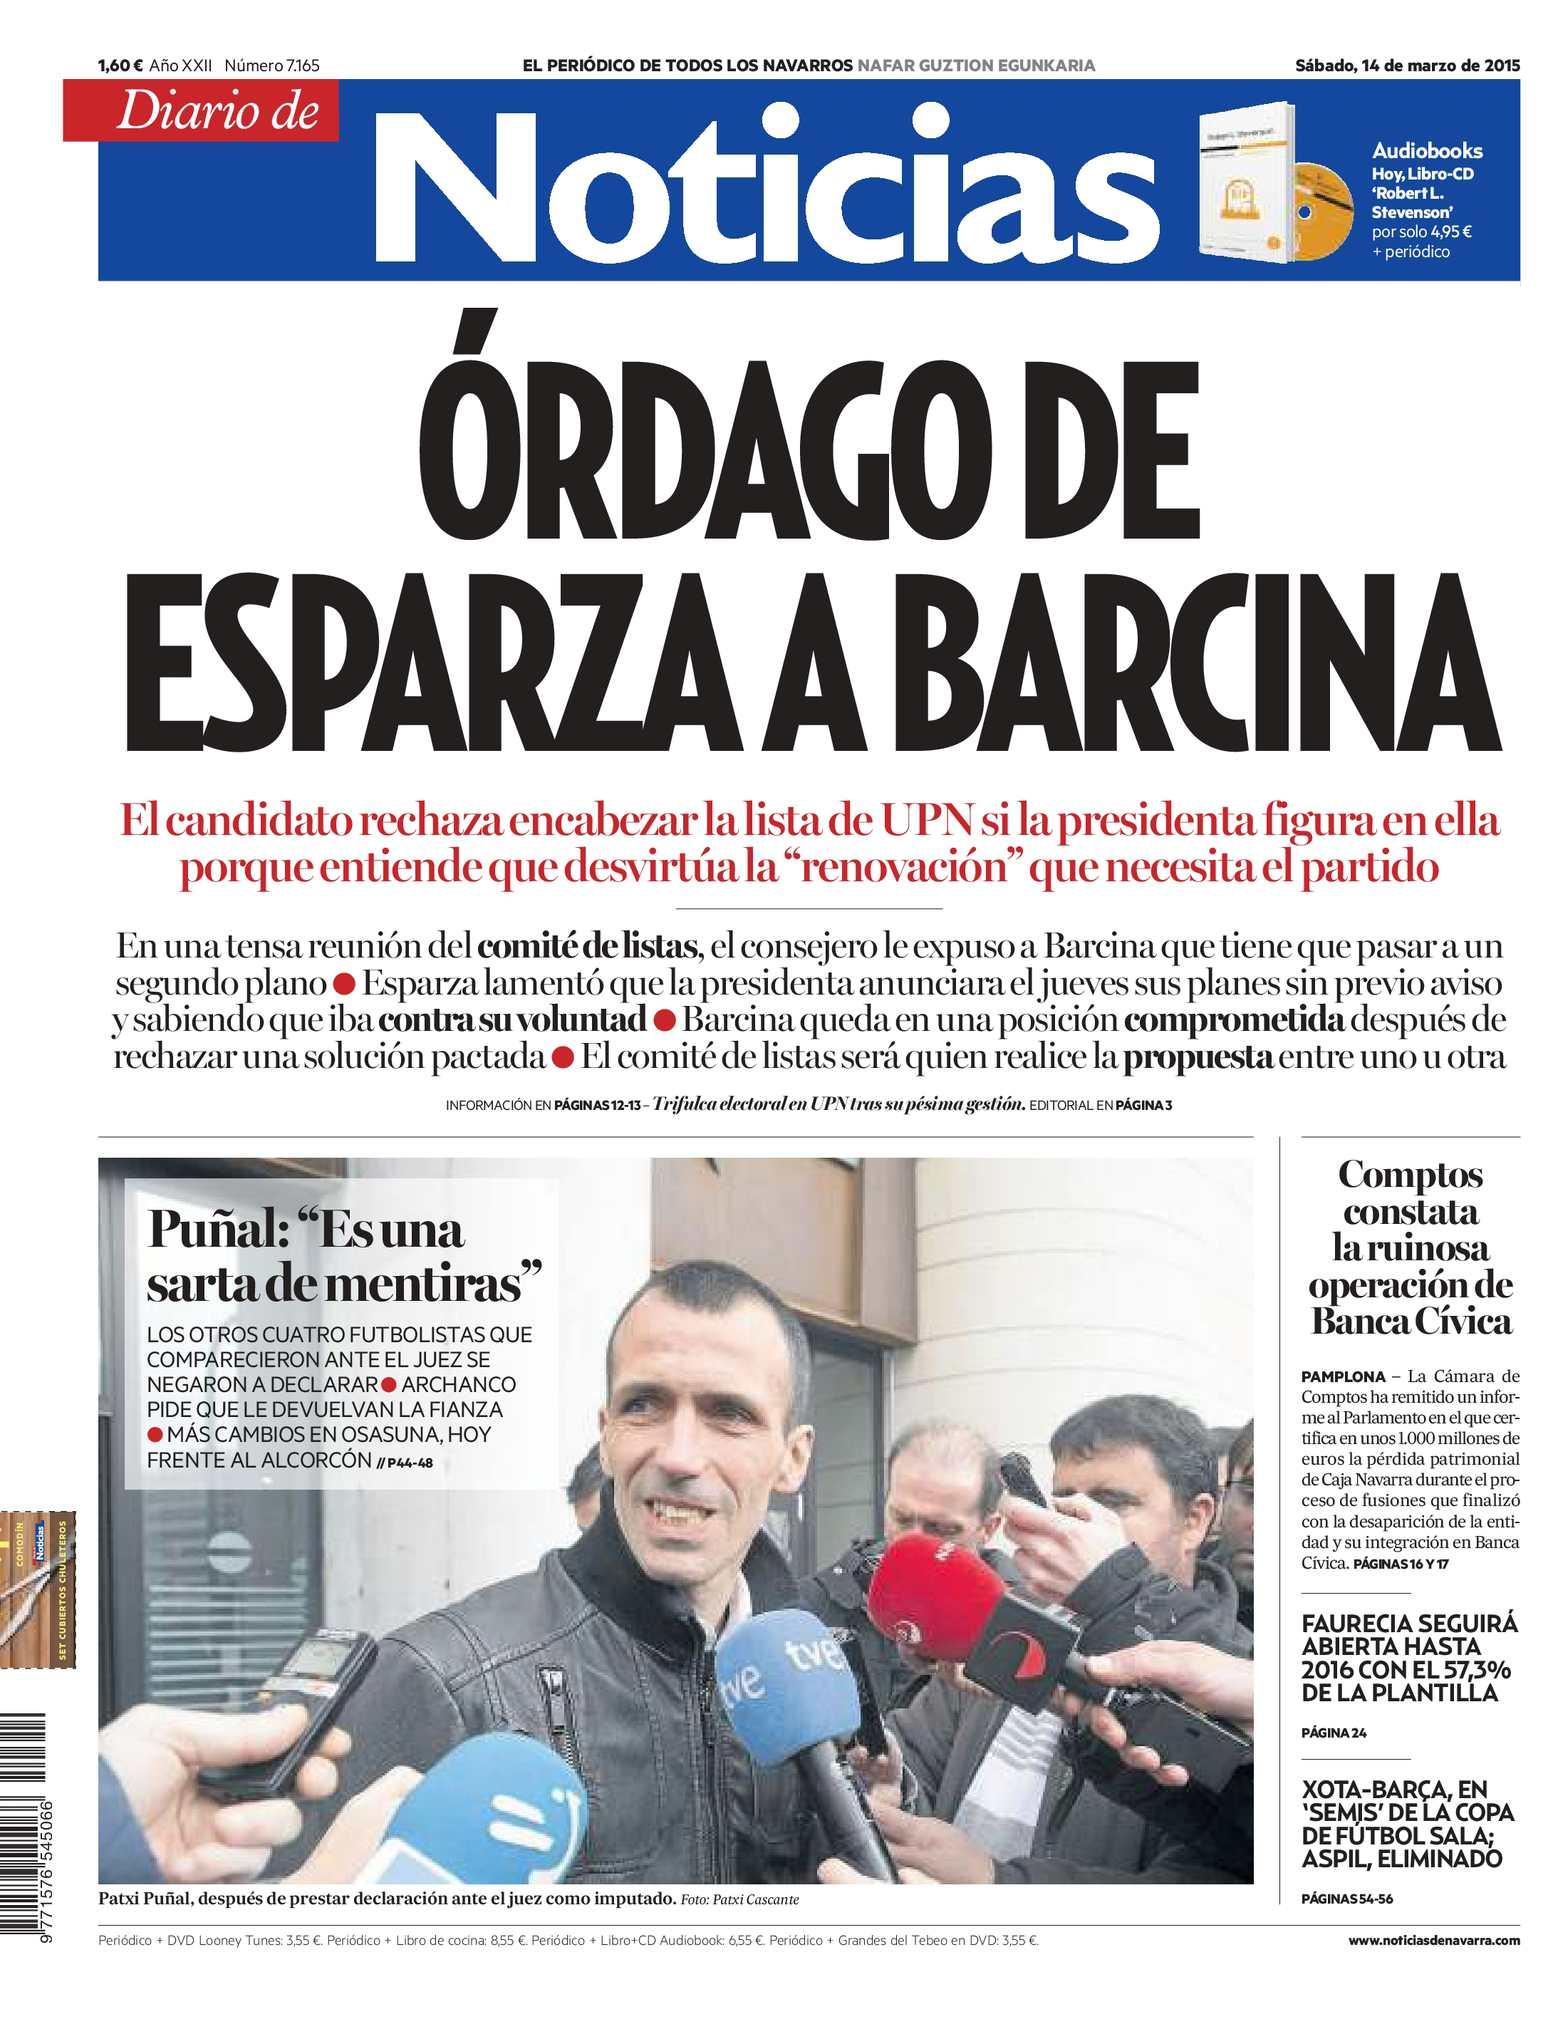 Calaméo - Diario de Noticias 20150314 30a942f0f86f6